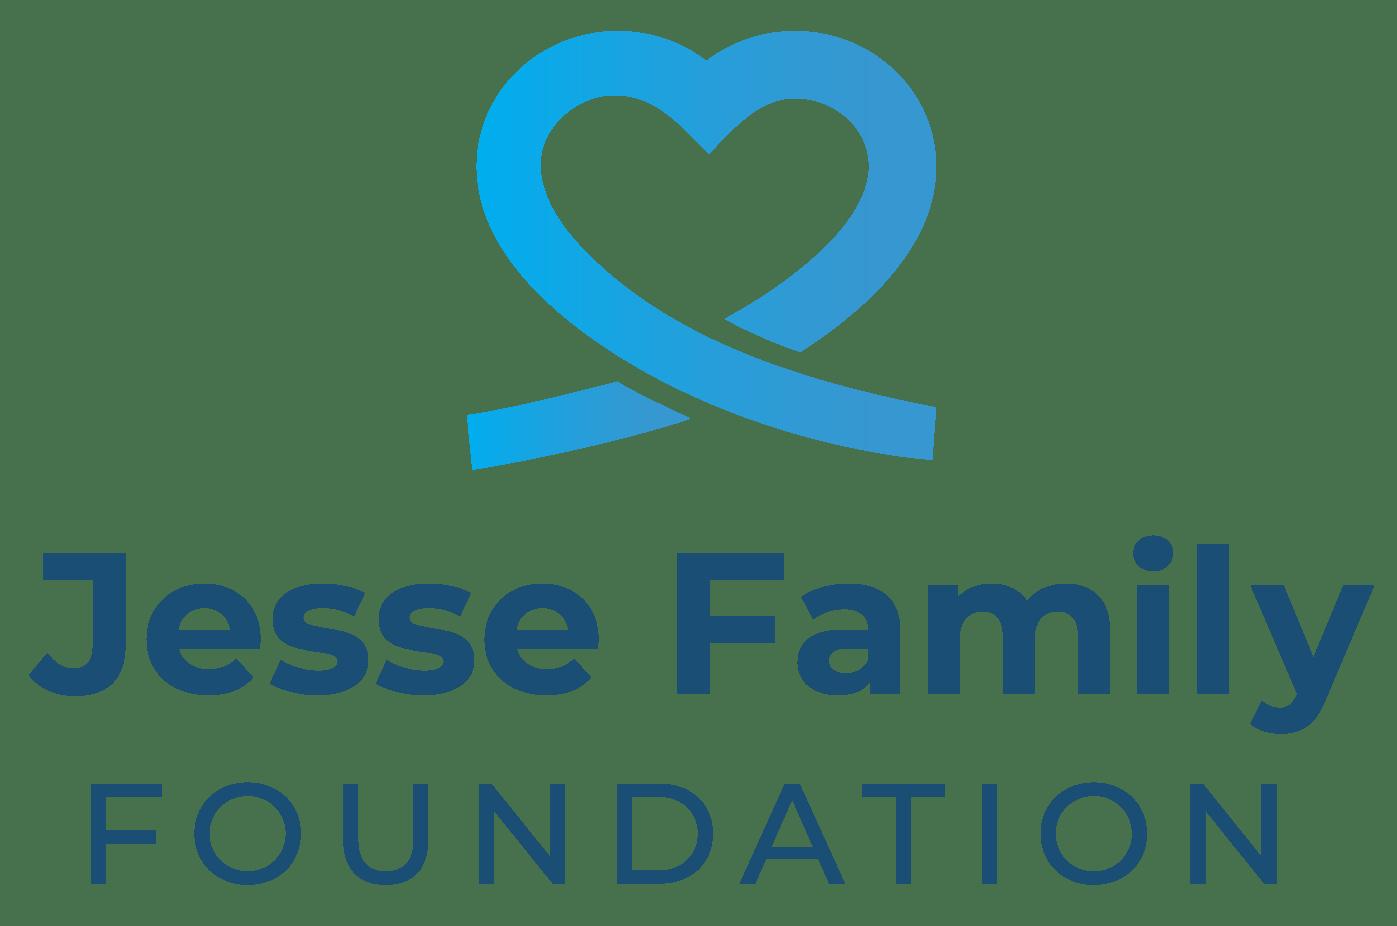 Jesse Family Foundation